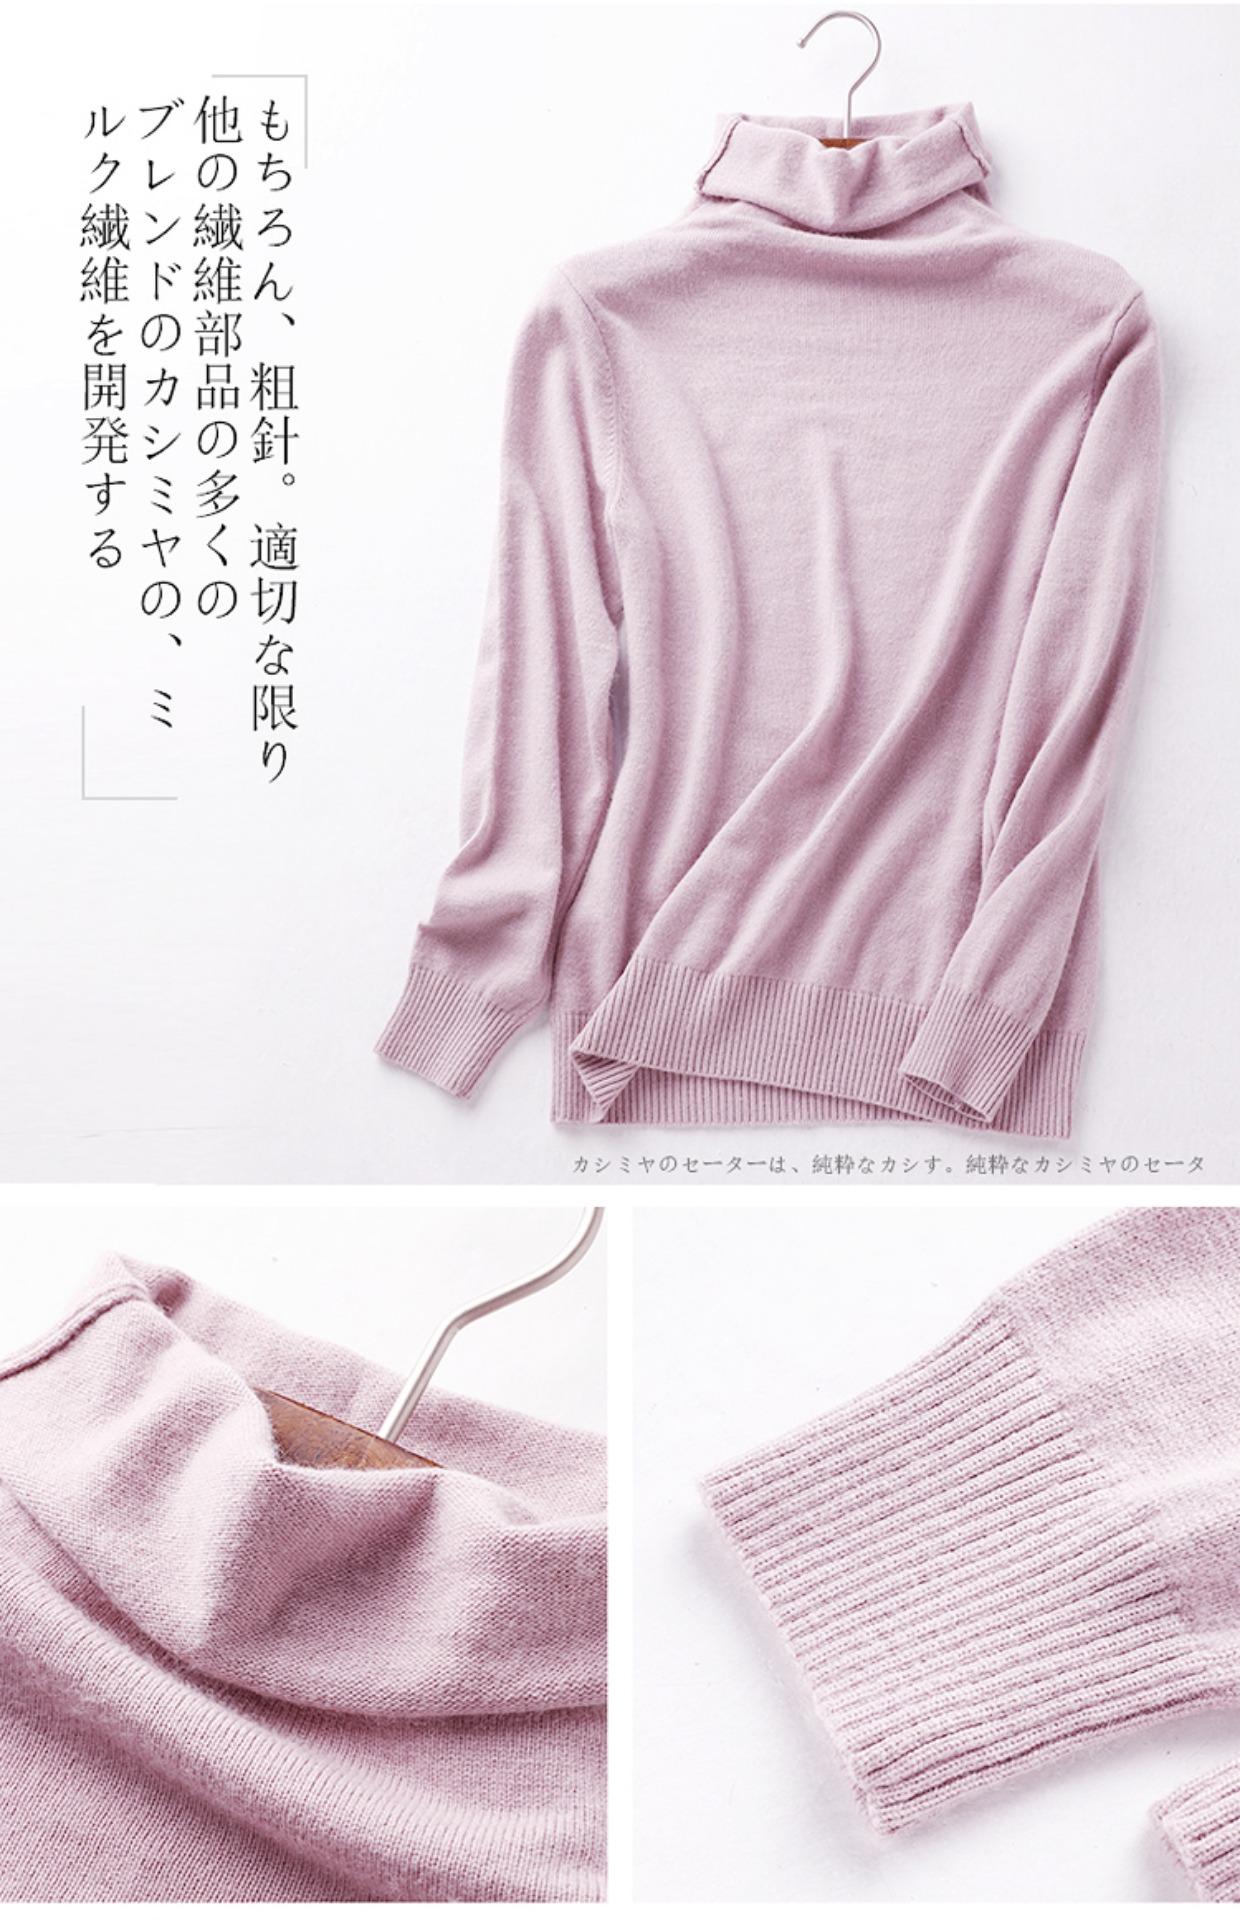 高仿圣罗兰ysl欧美秋冬短款高领加厚羊绒衫QPG365 第19张